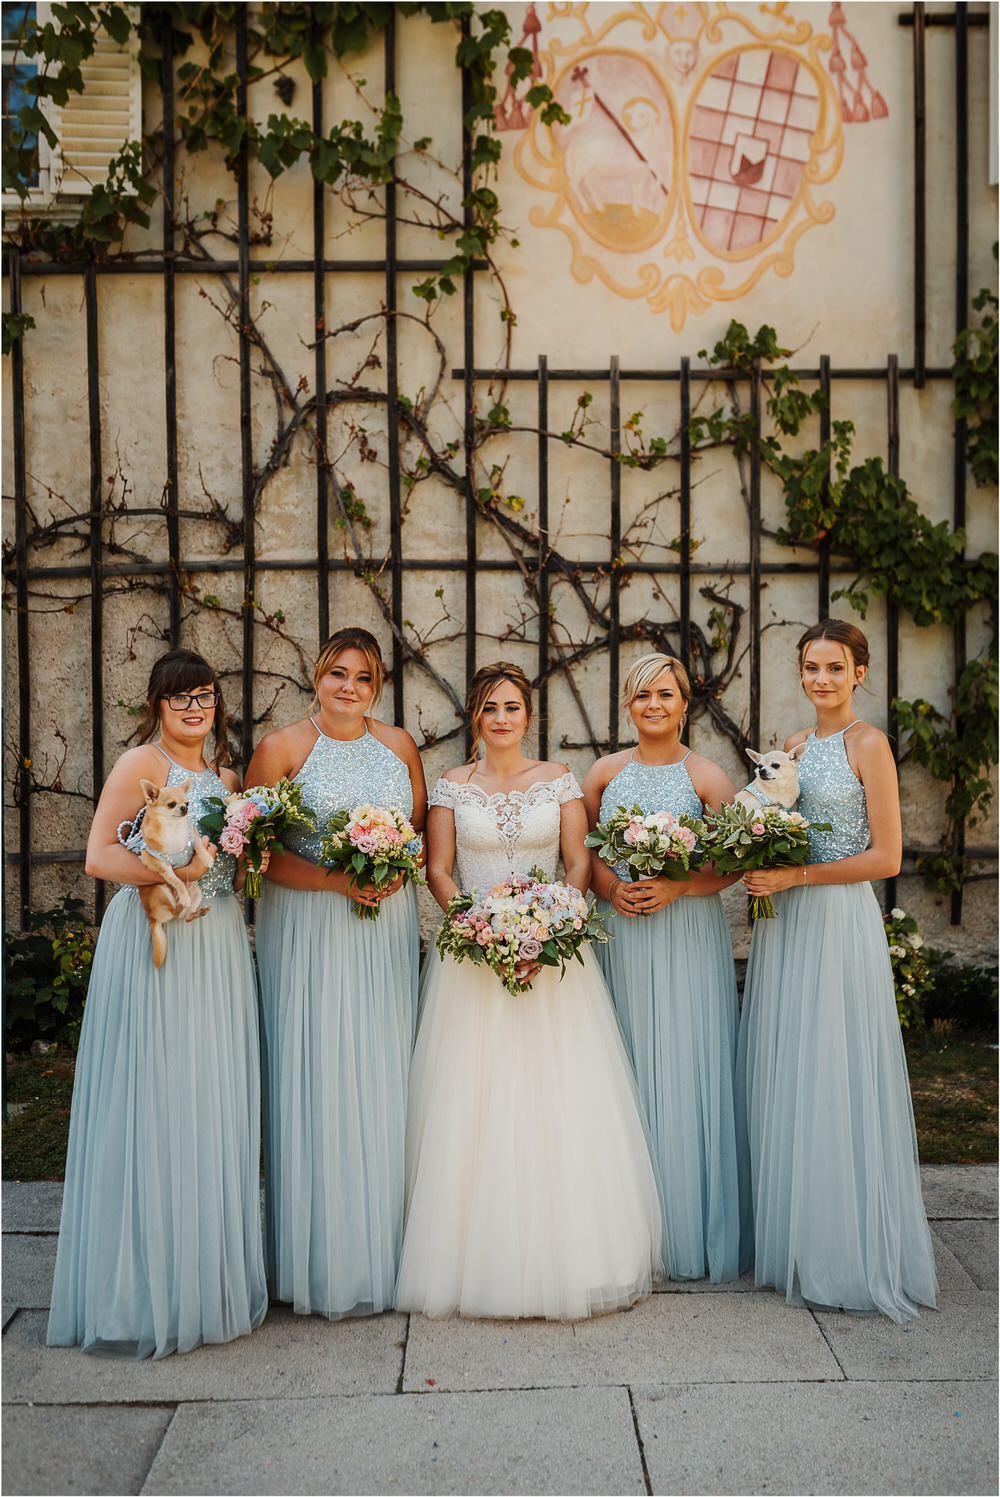 bled castle wedding poroka blejsko jezero jezersek adventure themed destination wedding photographer lake bled 0054.jpg